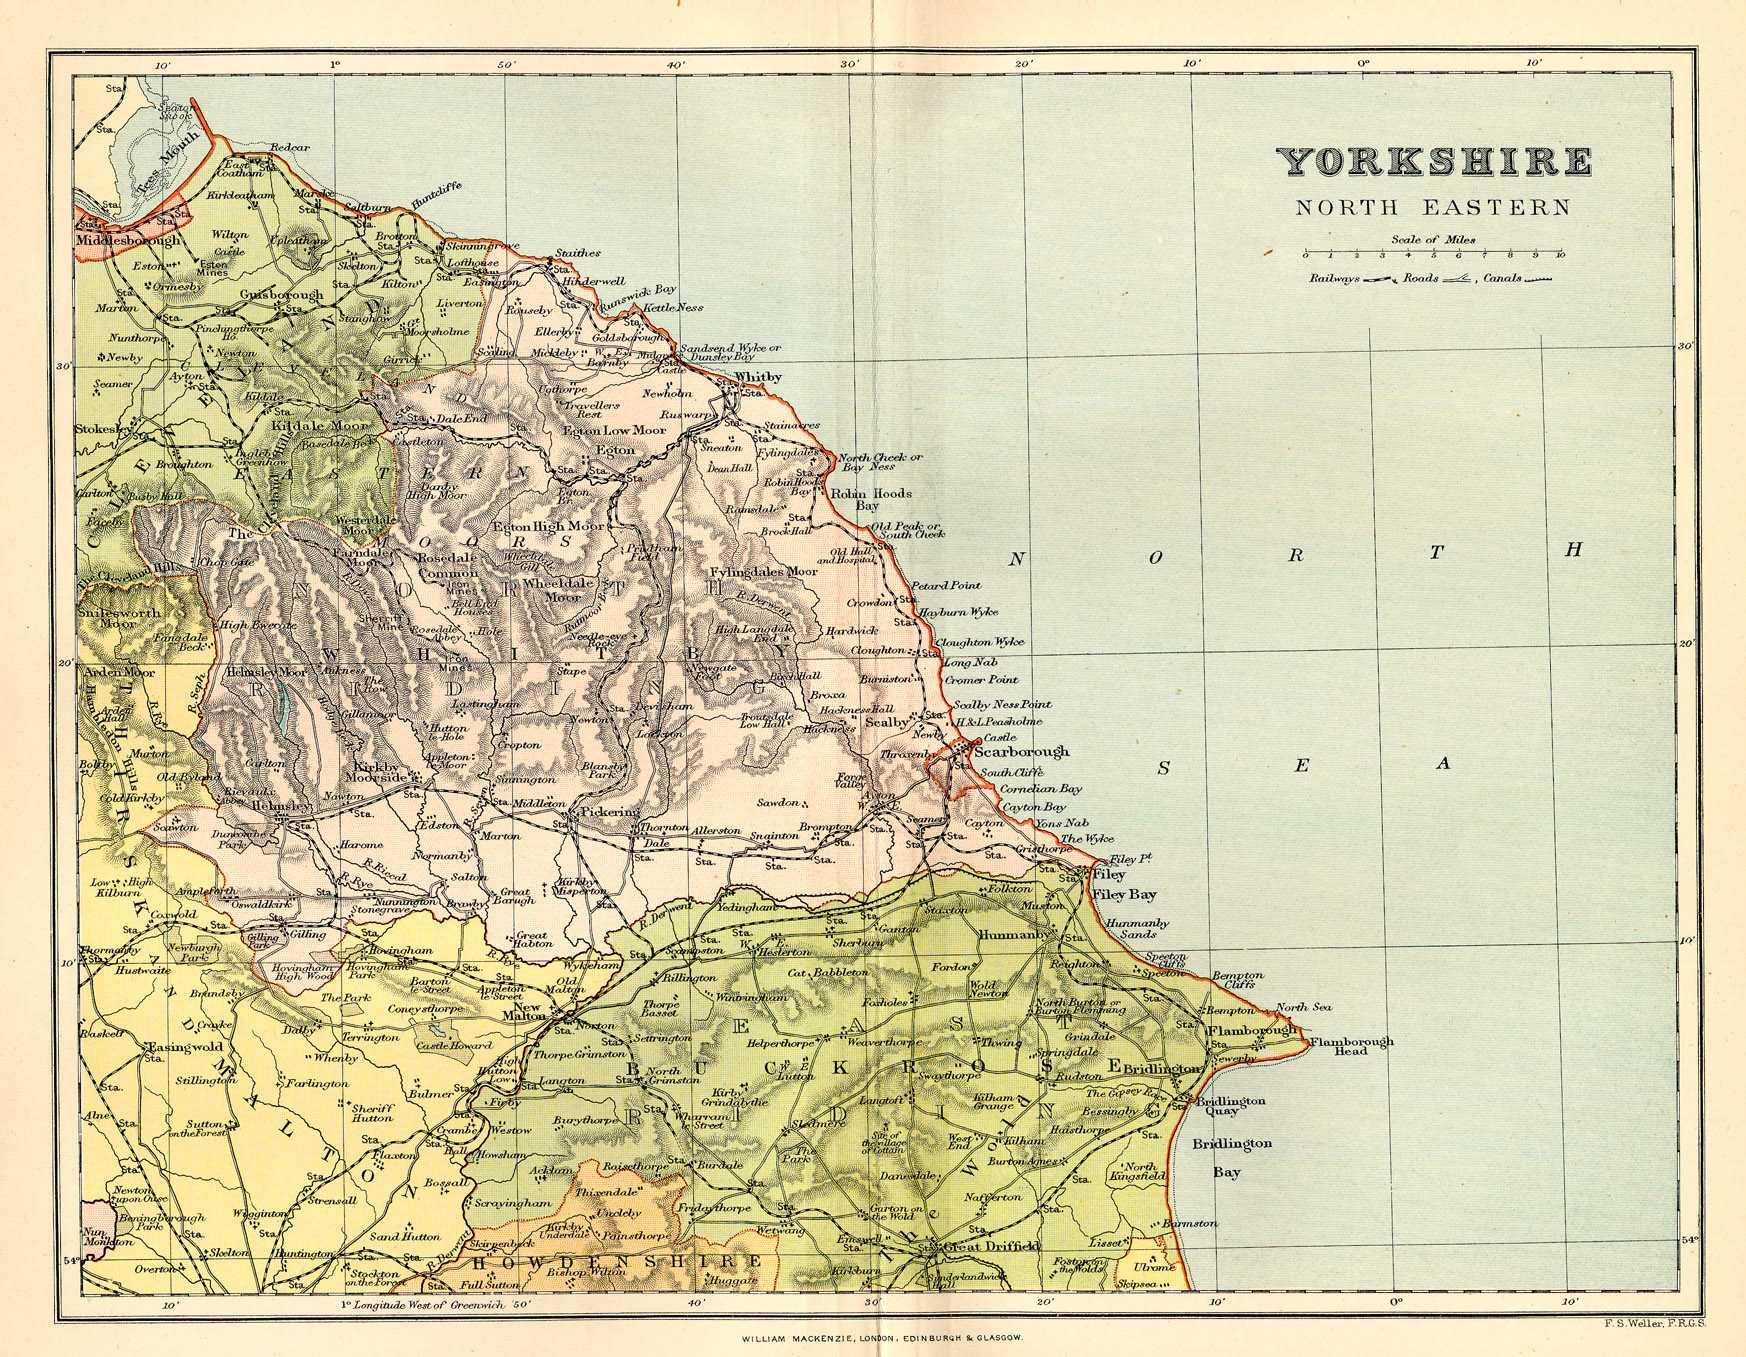 Worksheet. Historical description of Yorkshire England